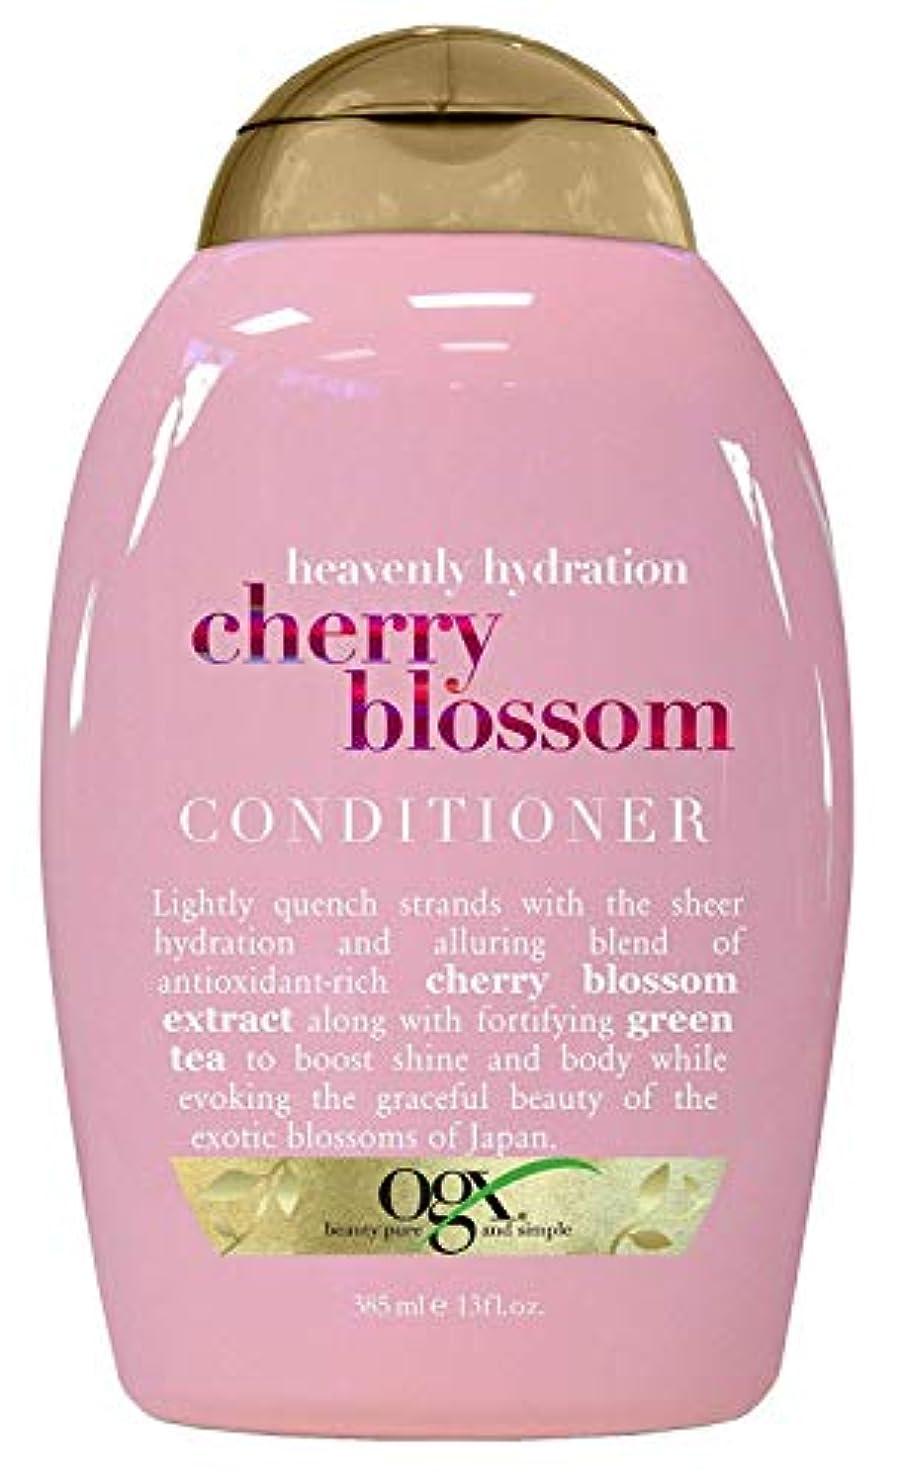 地域こどもの宮殿徒歩でOGX Heavenly Hydration Cherry Blossom Conditioner 13oz 360ml チェリーブロッサム コンディショナー [並行輸入品]